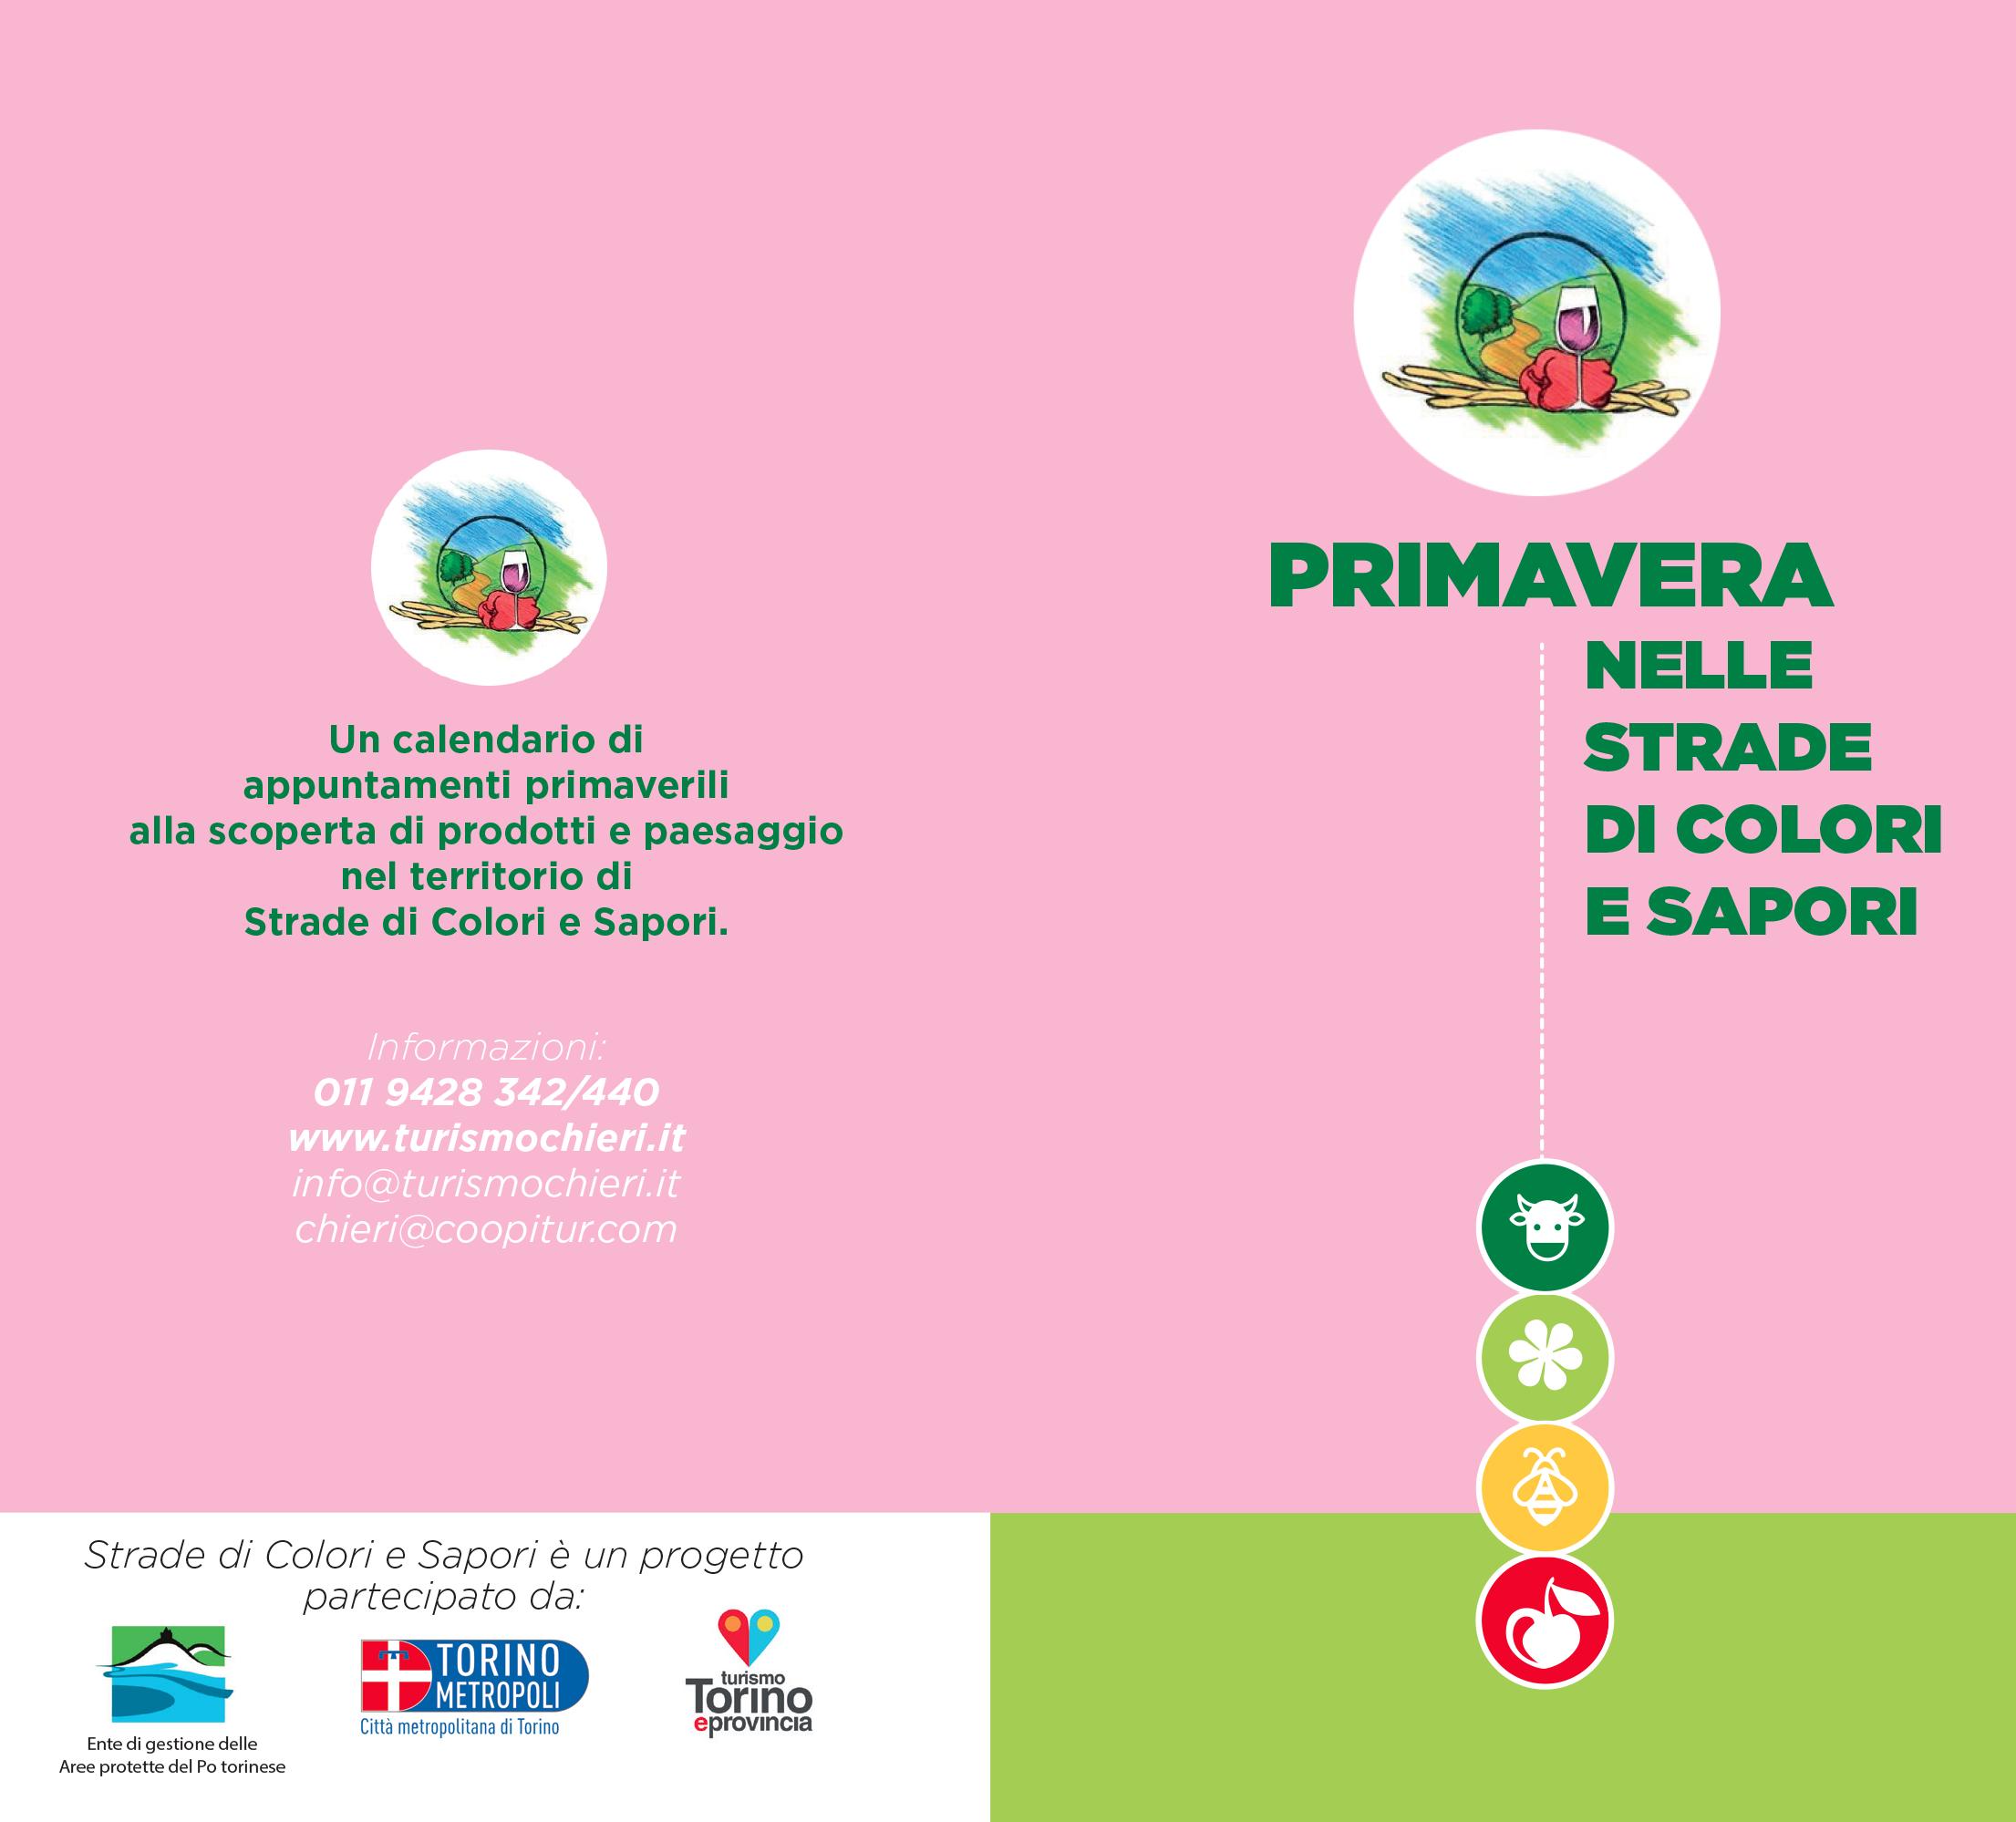 Comune Di Pecetto Torinese in viaggio con i bambini - itinerari per bambini: pecetto